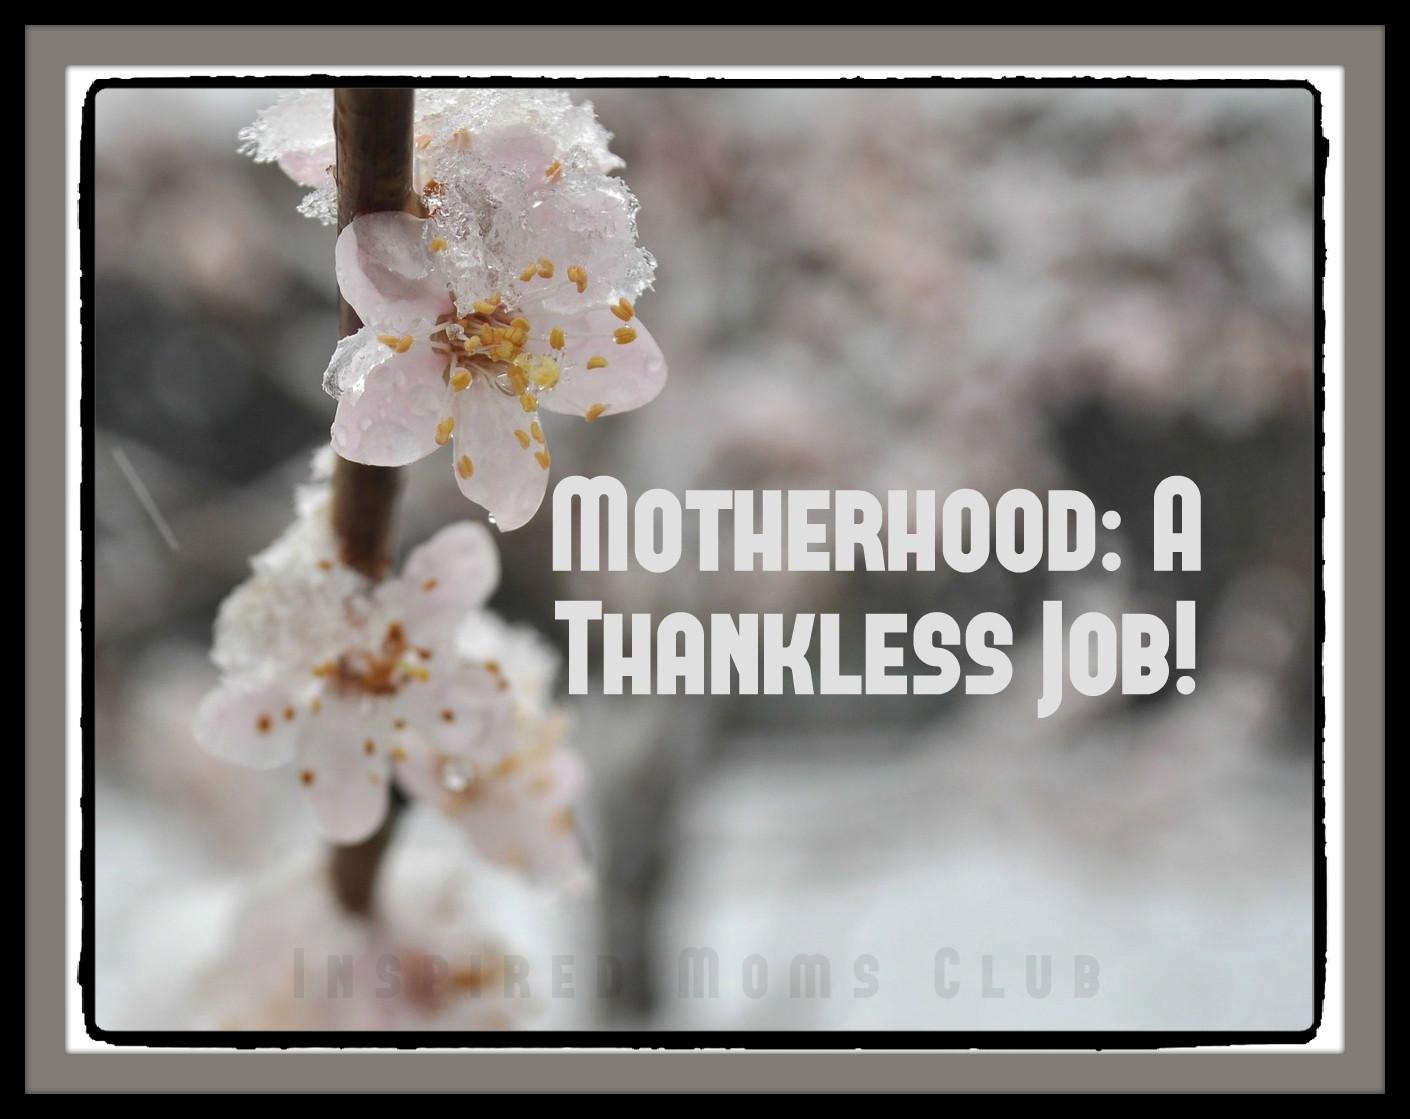 Motherhood A Thankless Job